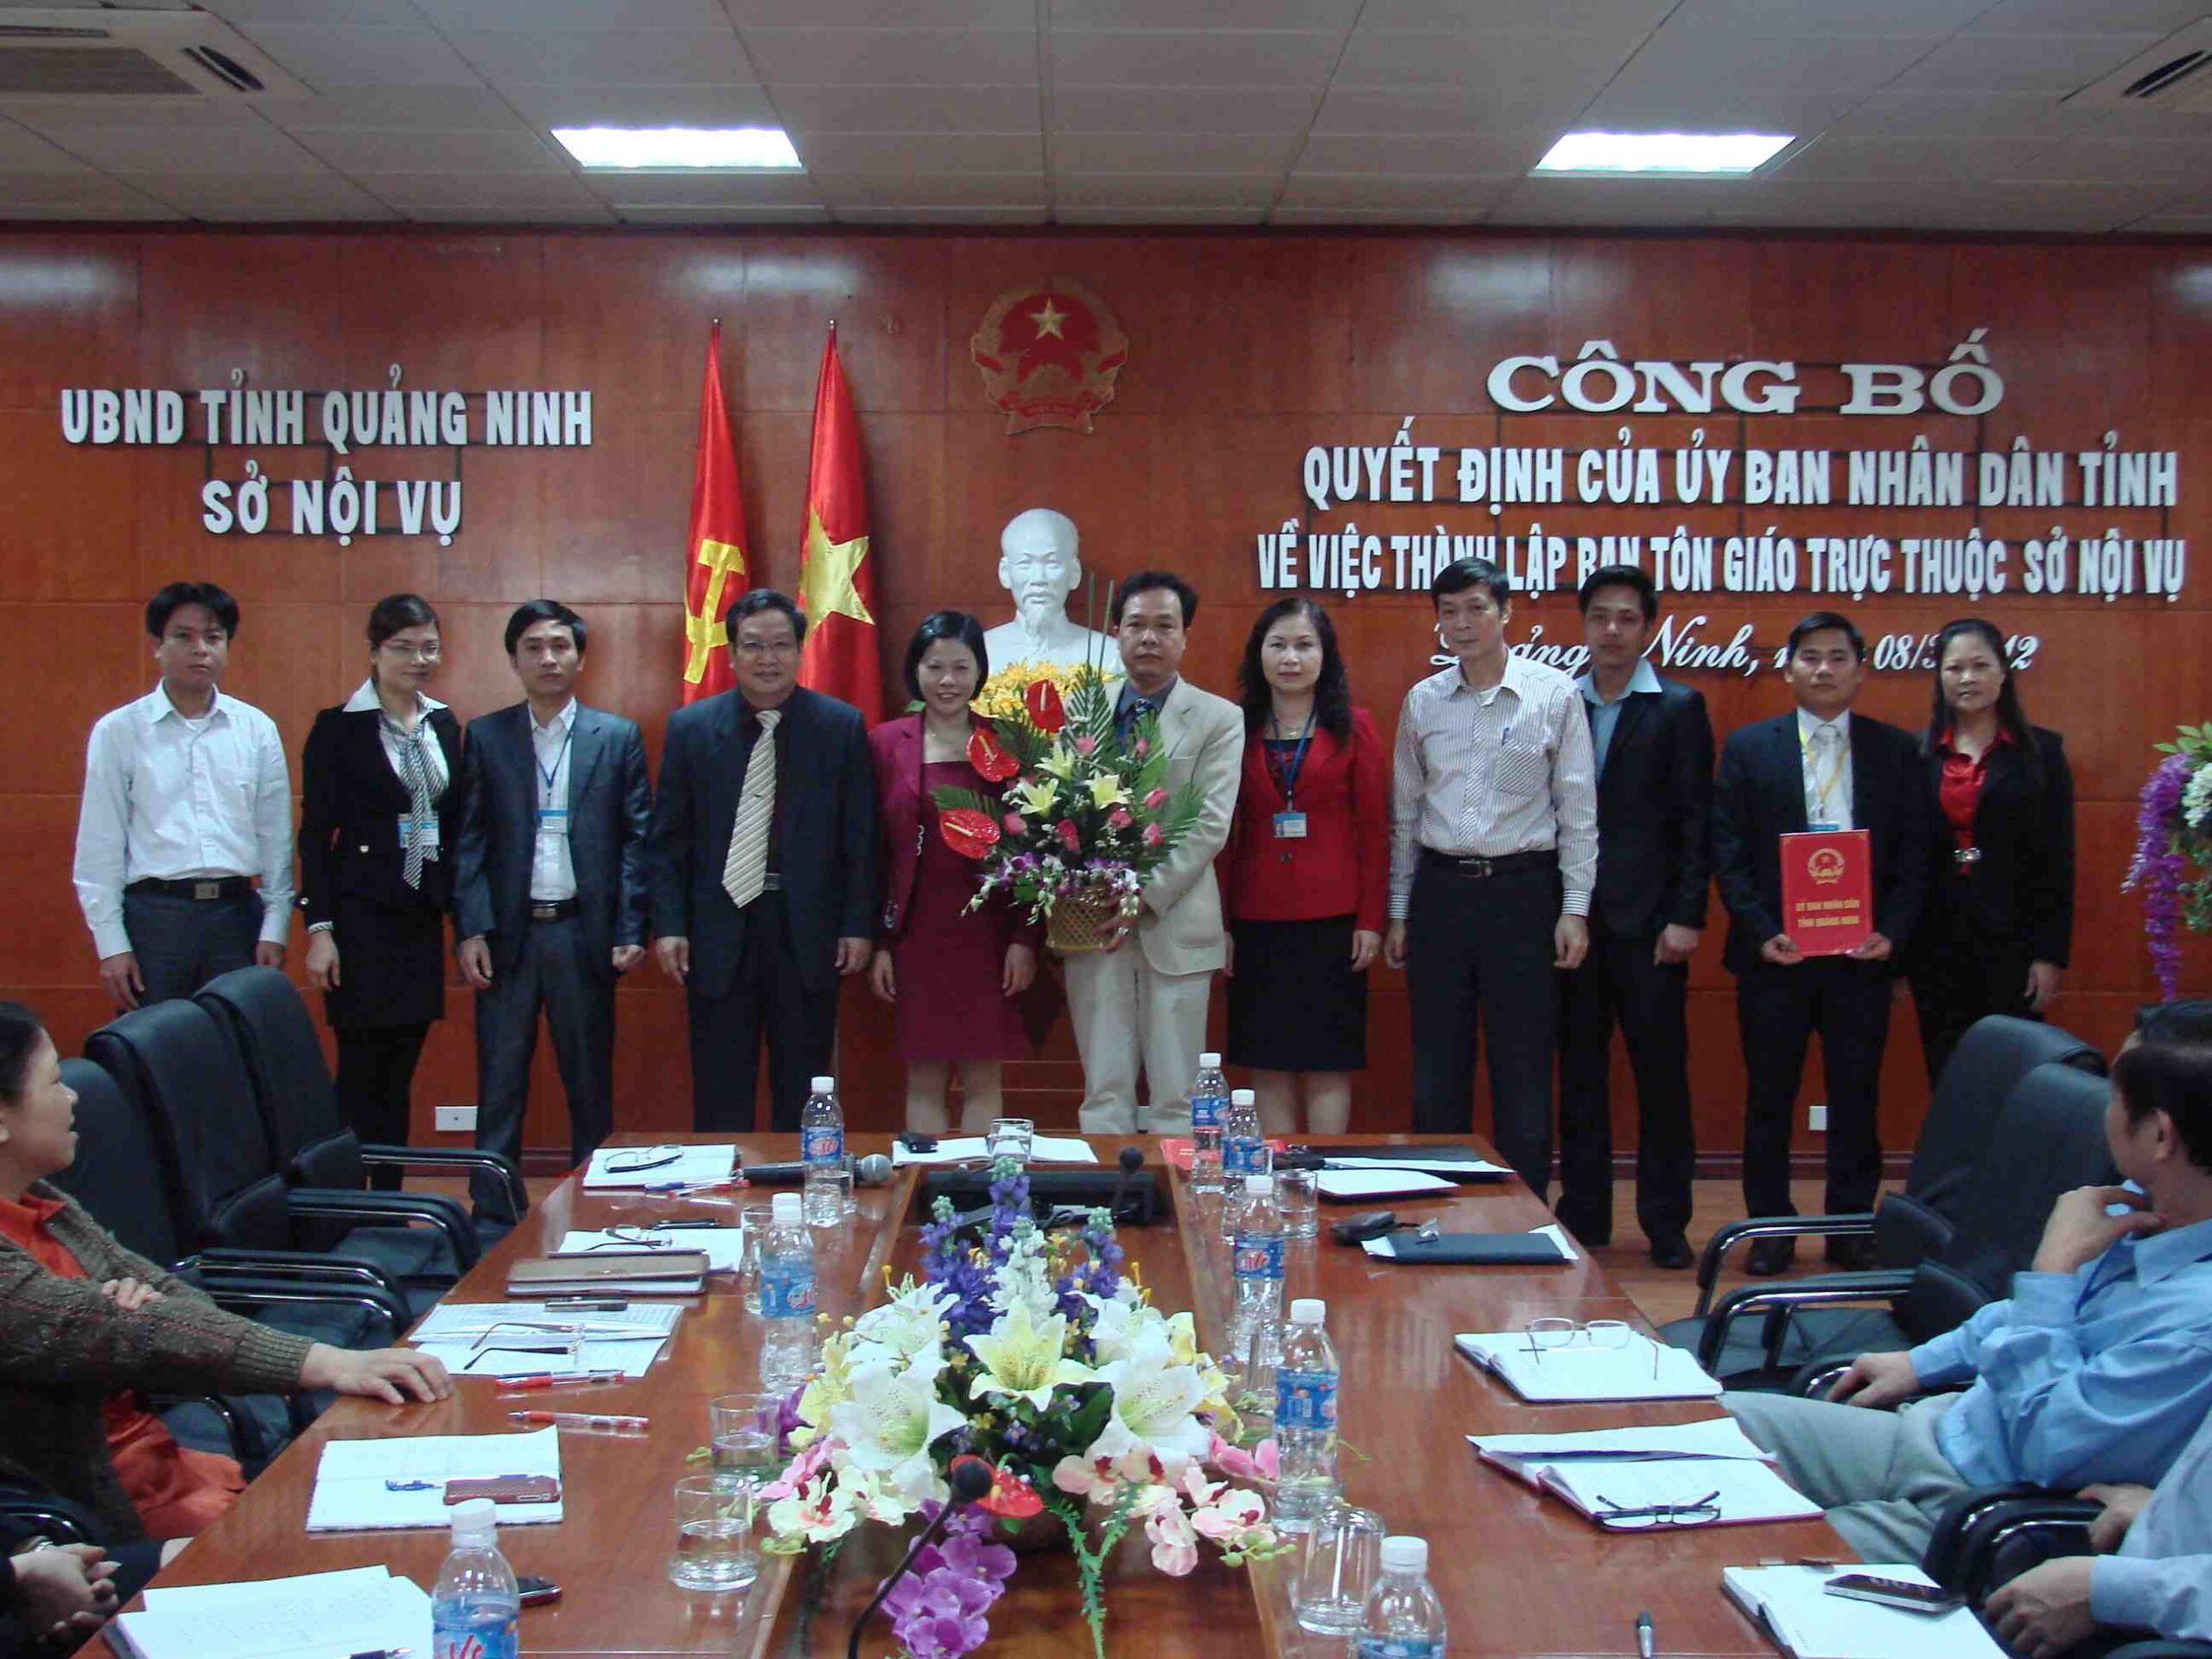 Tài liệu sở nội vụ Quảng Ninh 2020 - Lĩnh vực Hành chính tổng hợp